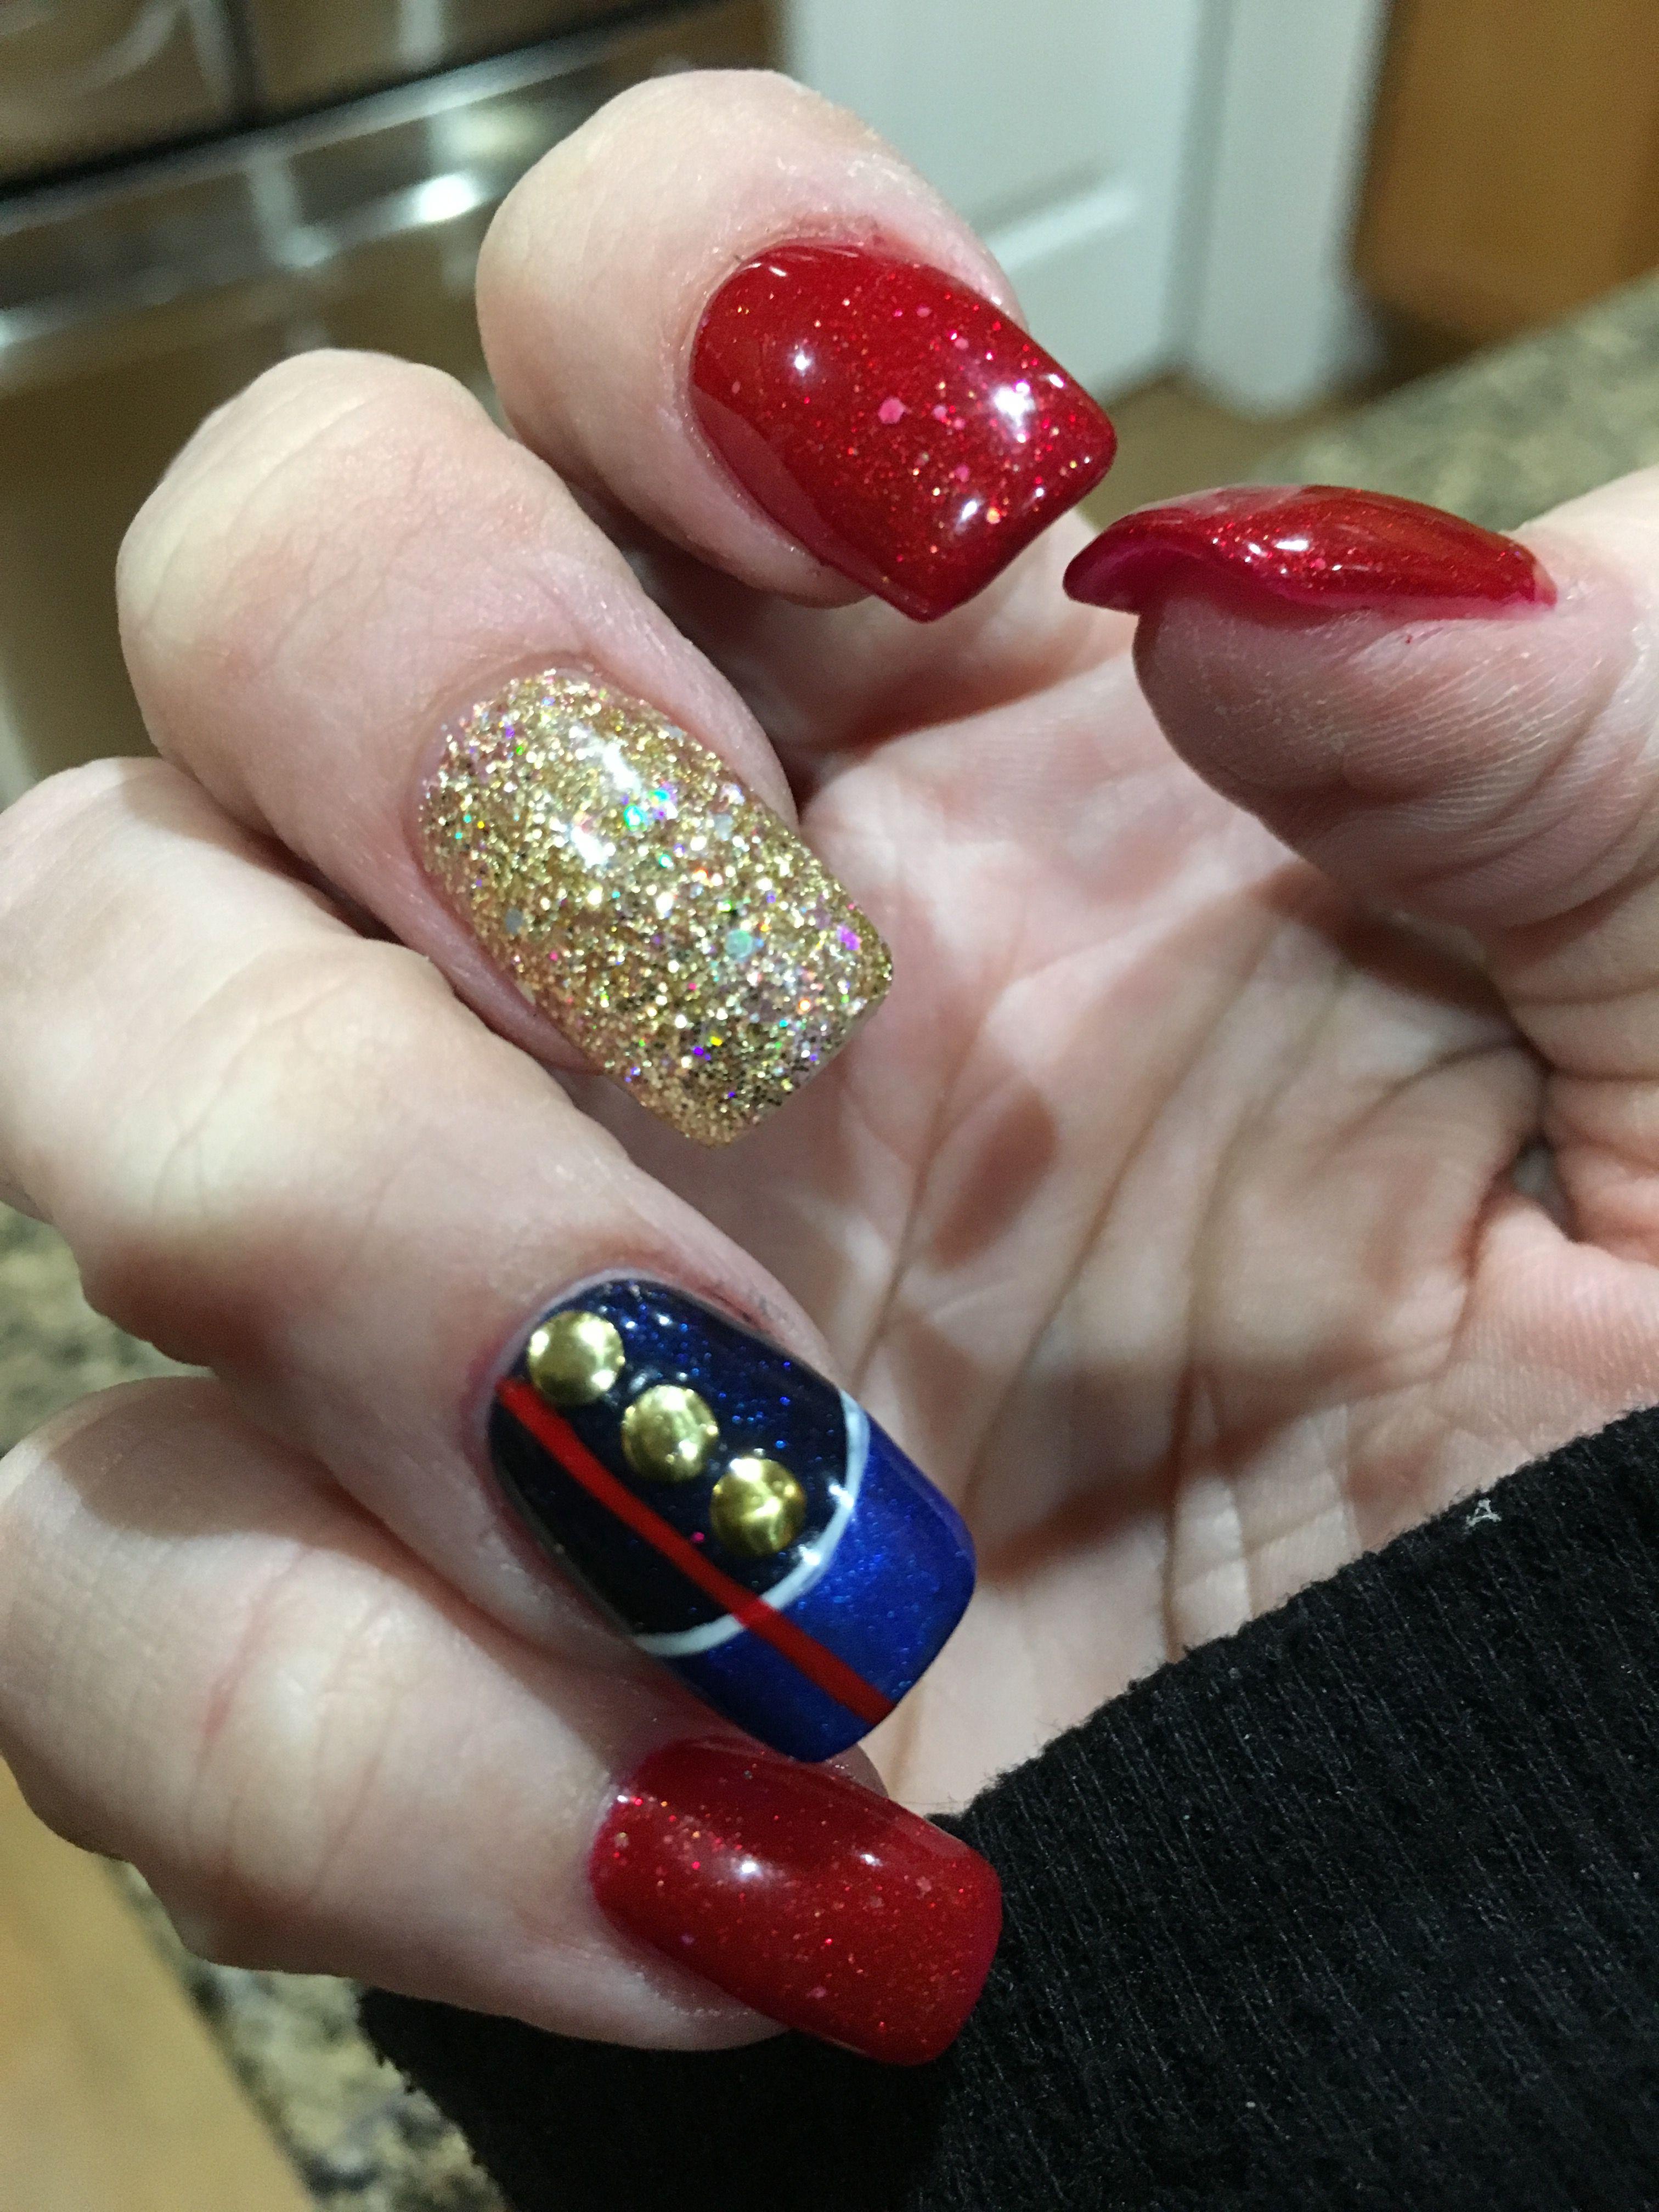 Marine Corp Nail Art | Nail art | Pinterest | Military nails, Makeup ...